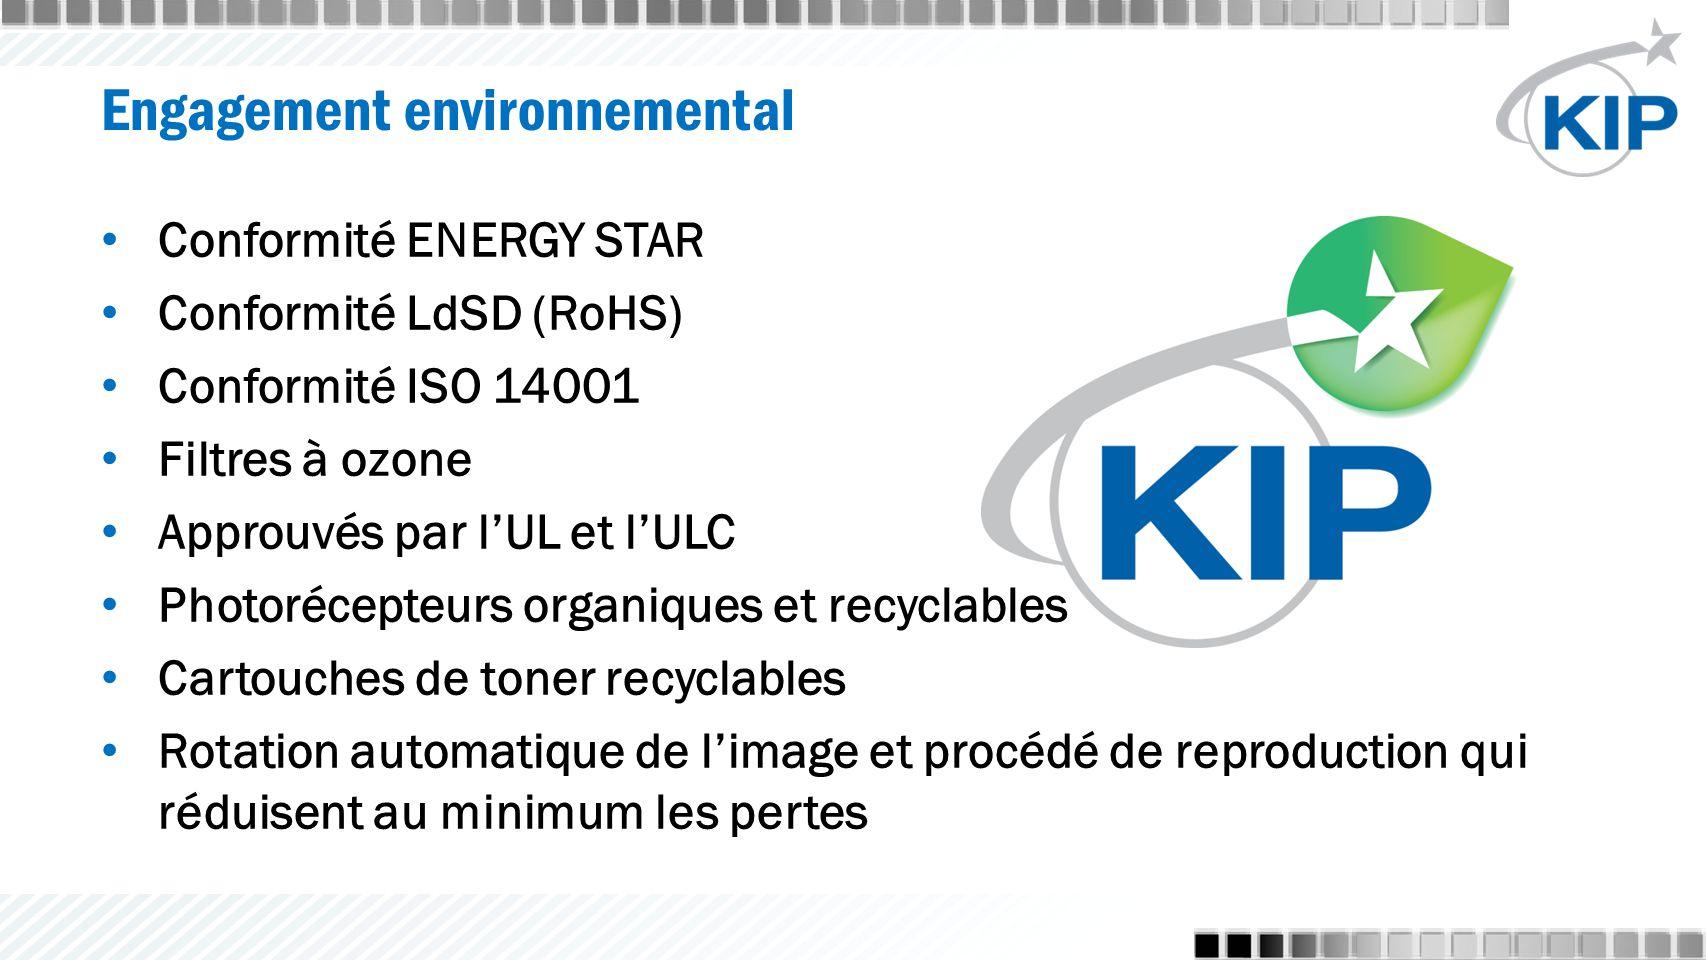 Engagement environnemental Conformité ENERGY STAR Conformité LdSD (RoHS) Conformité ISO 14001 Filtres à ozone Approuvés par l'UL et l'ULC Photorécepteurs organiques et recyclables Cartouches de toner recyclables Rotation automatique de l'image et procédé de reproduction qui réduisent au minimum les pertes